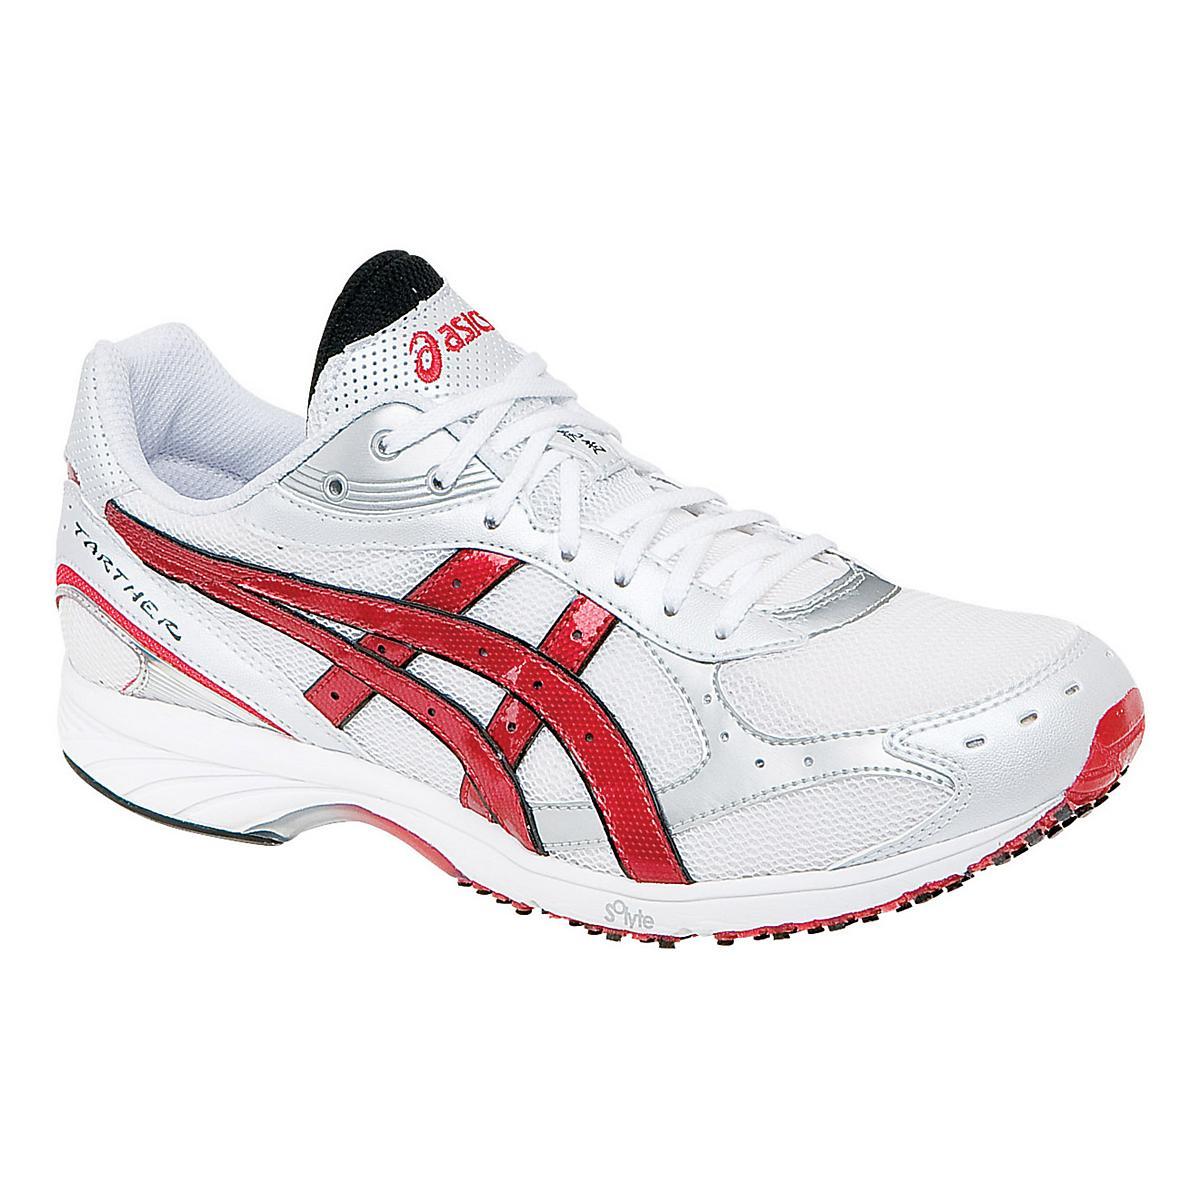 ASICS GEL Tarther Racing chaussure à à Racing Road chaussure Runner Sports 6cb6556 - sbsgrp.website